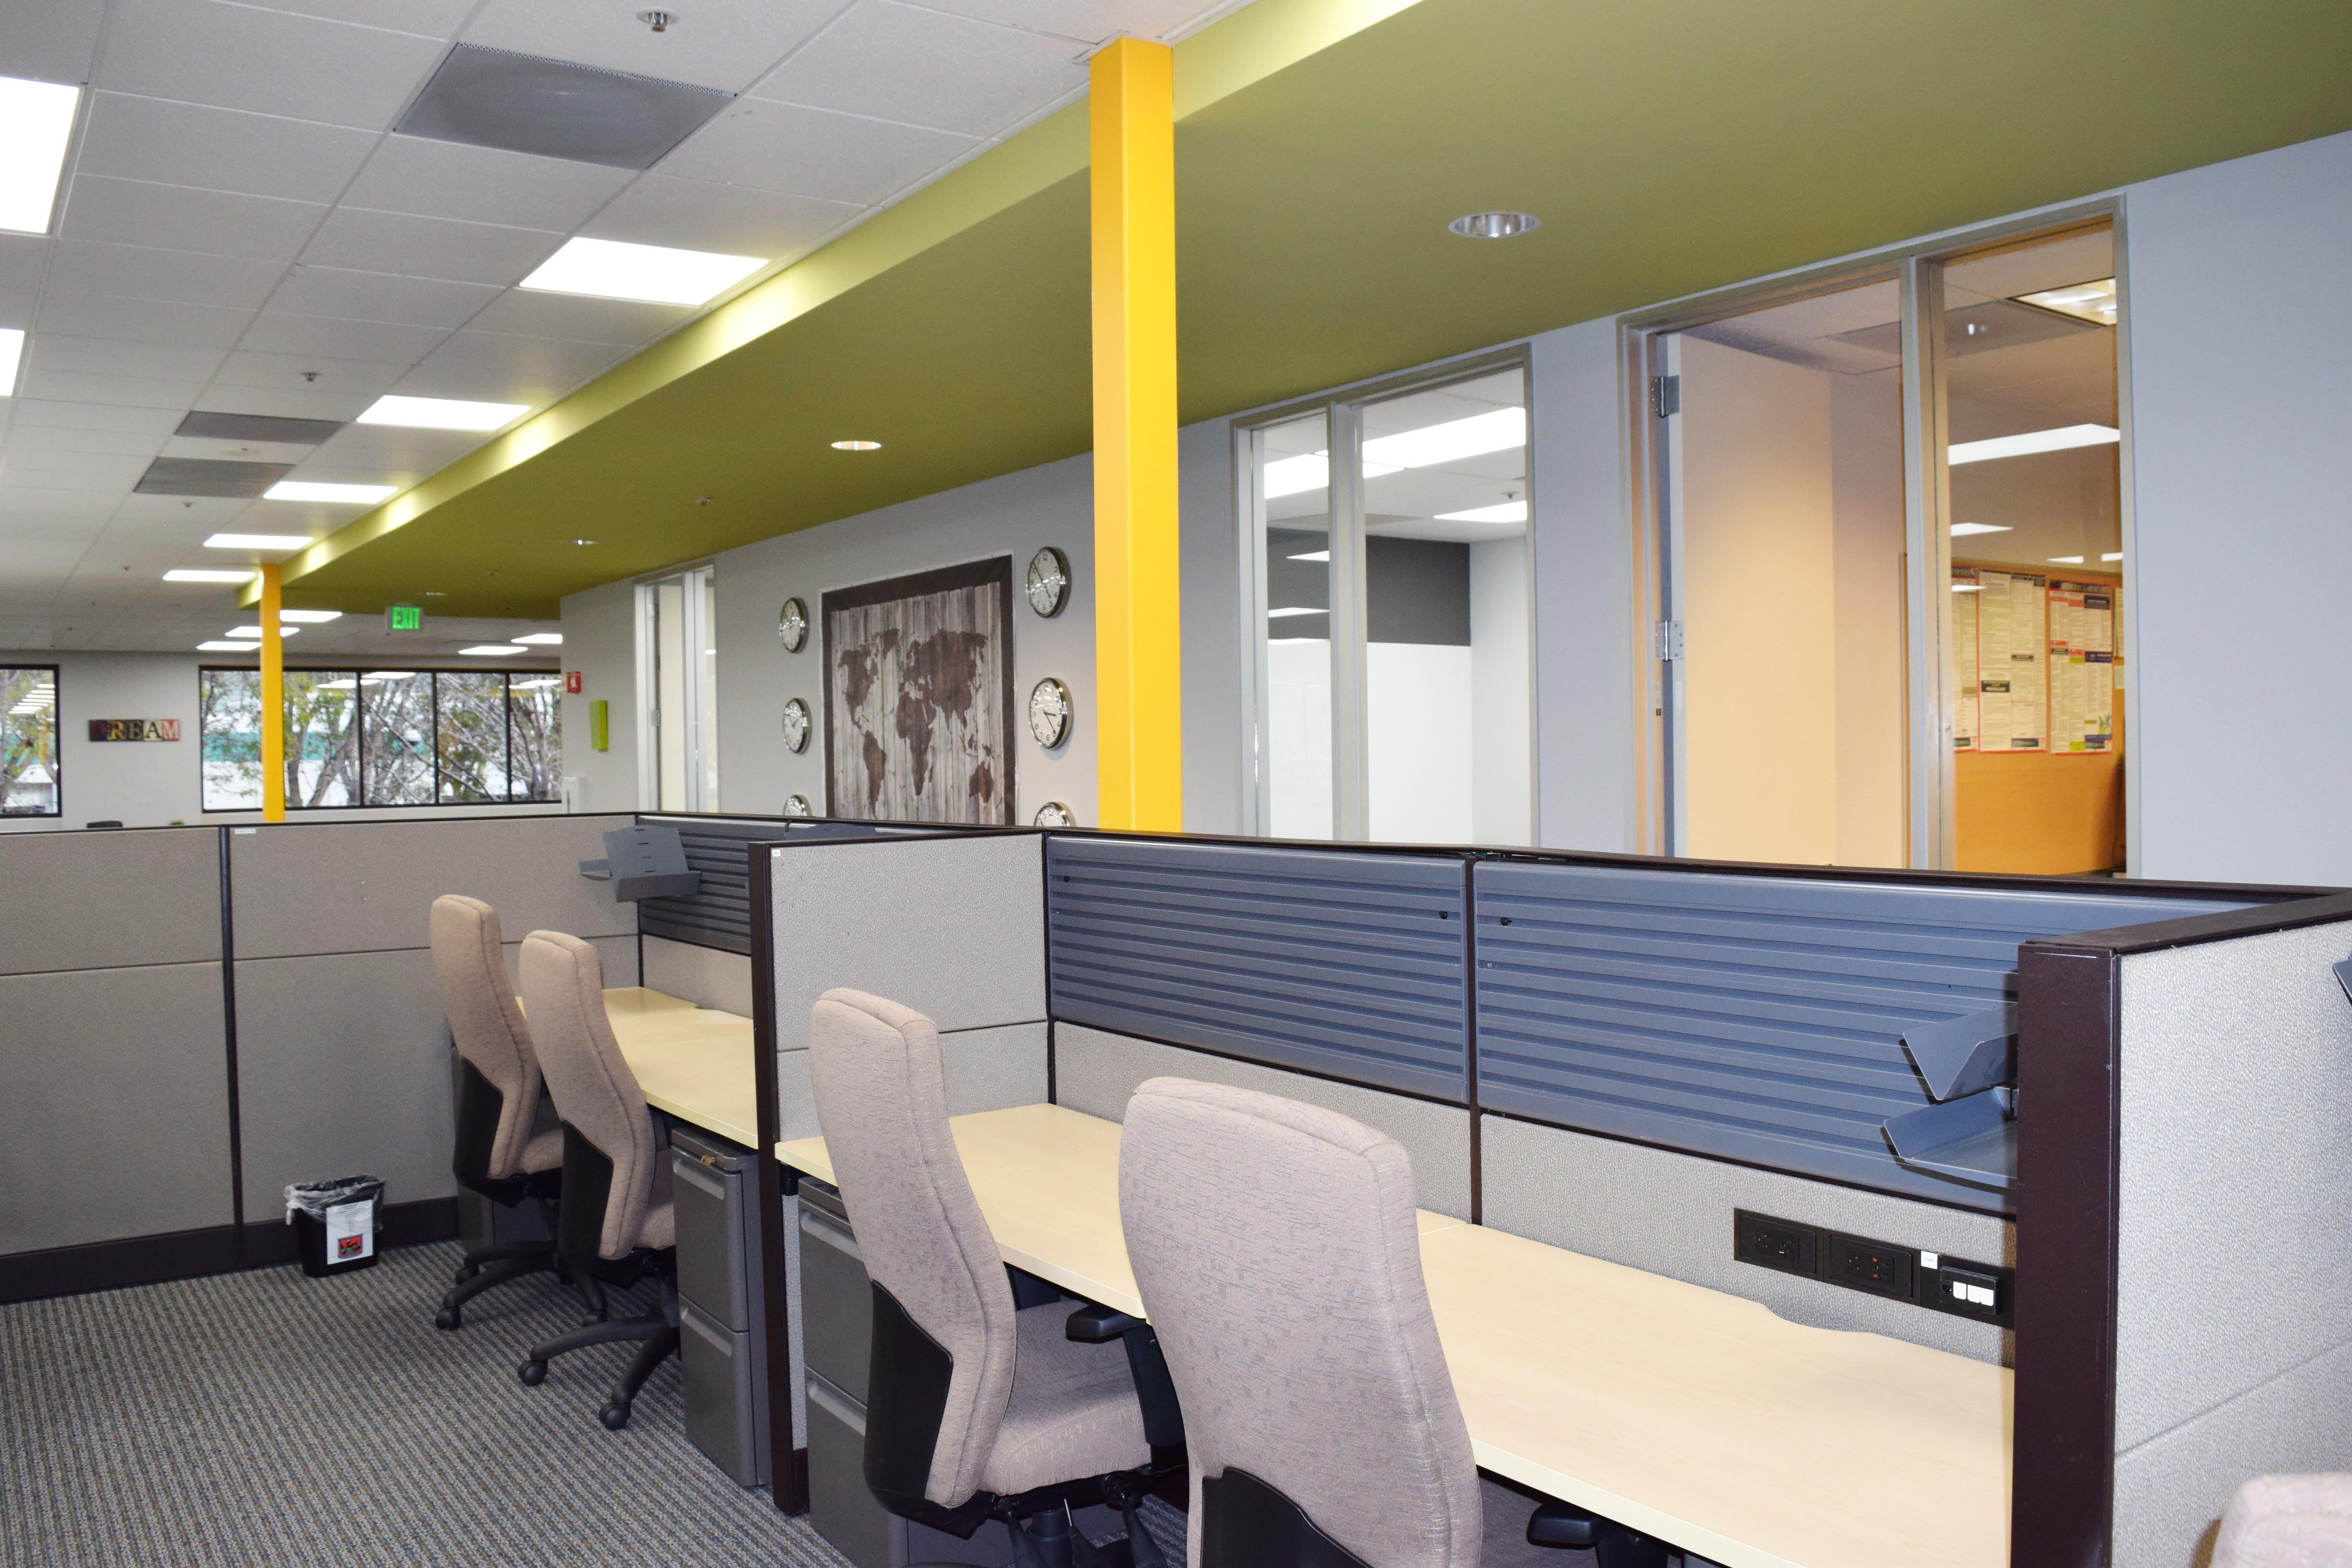 FalconX Incubator Accelerator - Suite 6 : Team Office for 6 people